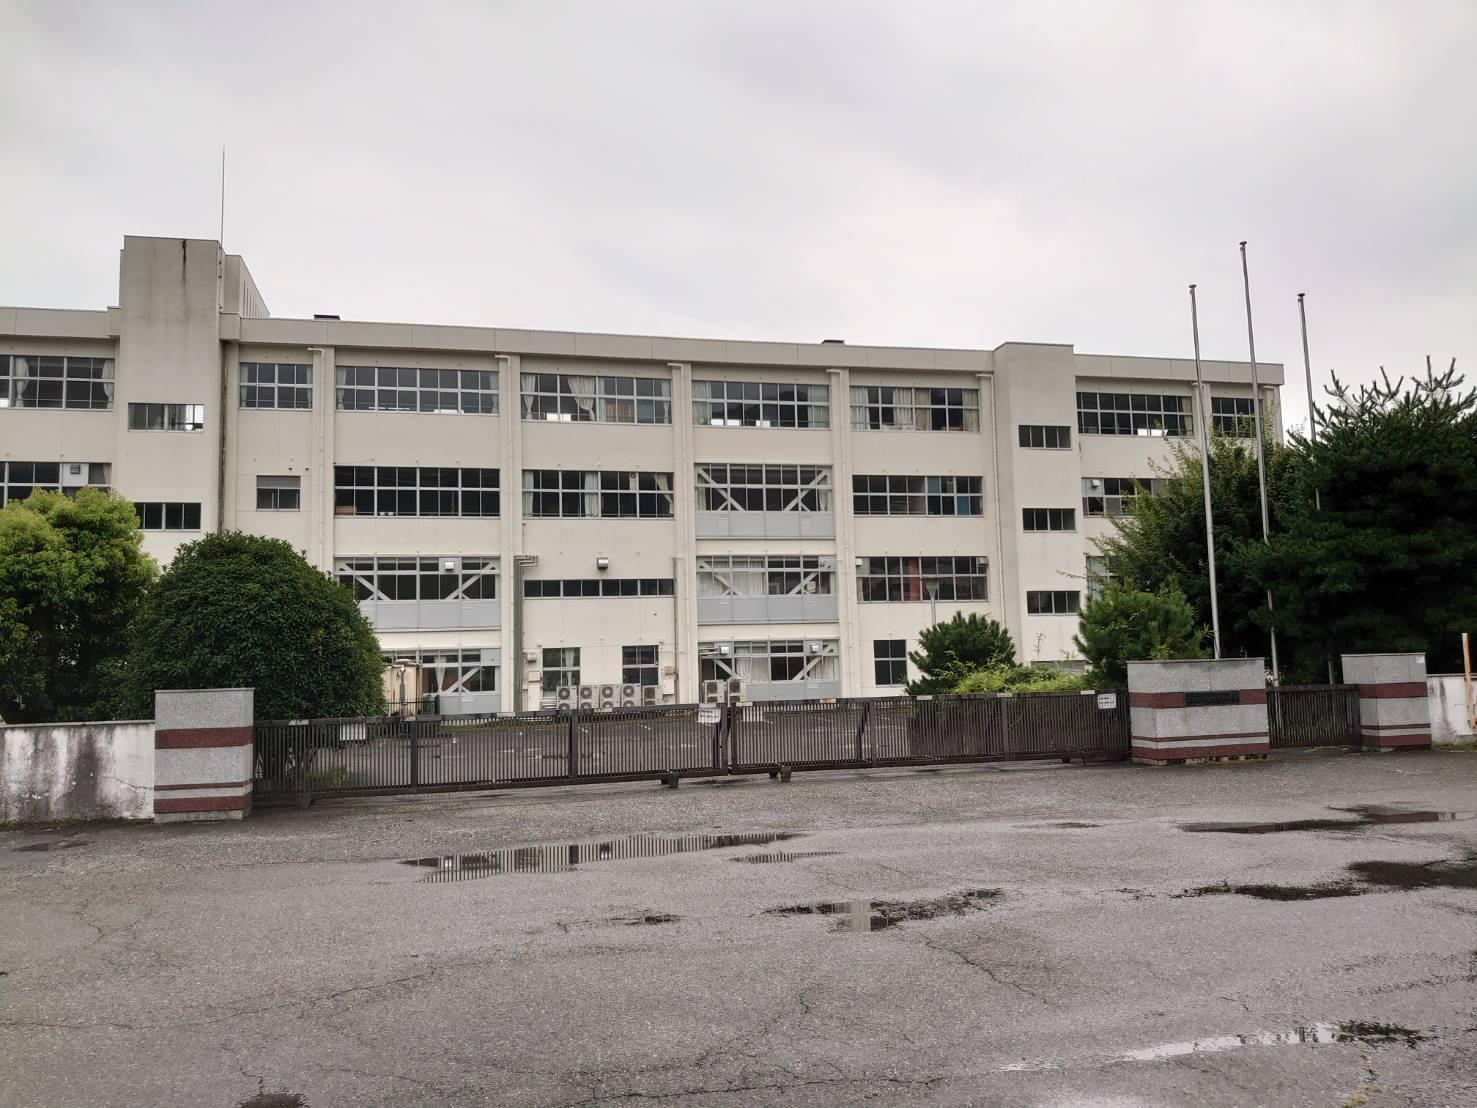 旧桐生女子高等学校の校舎